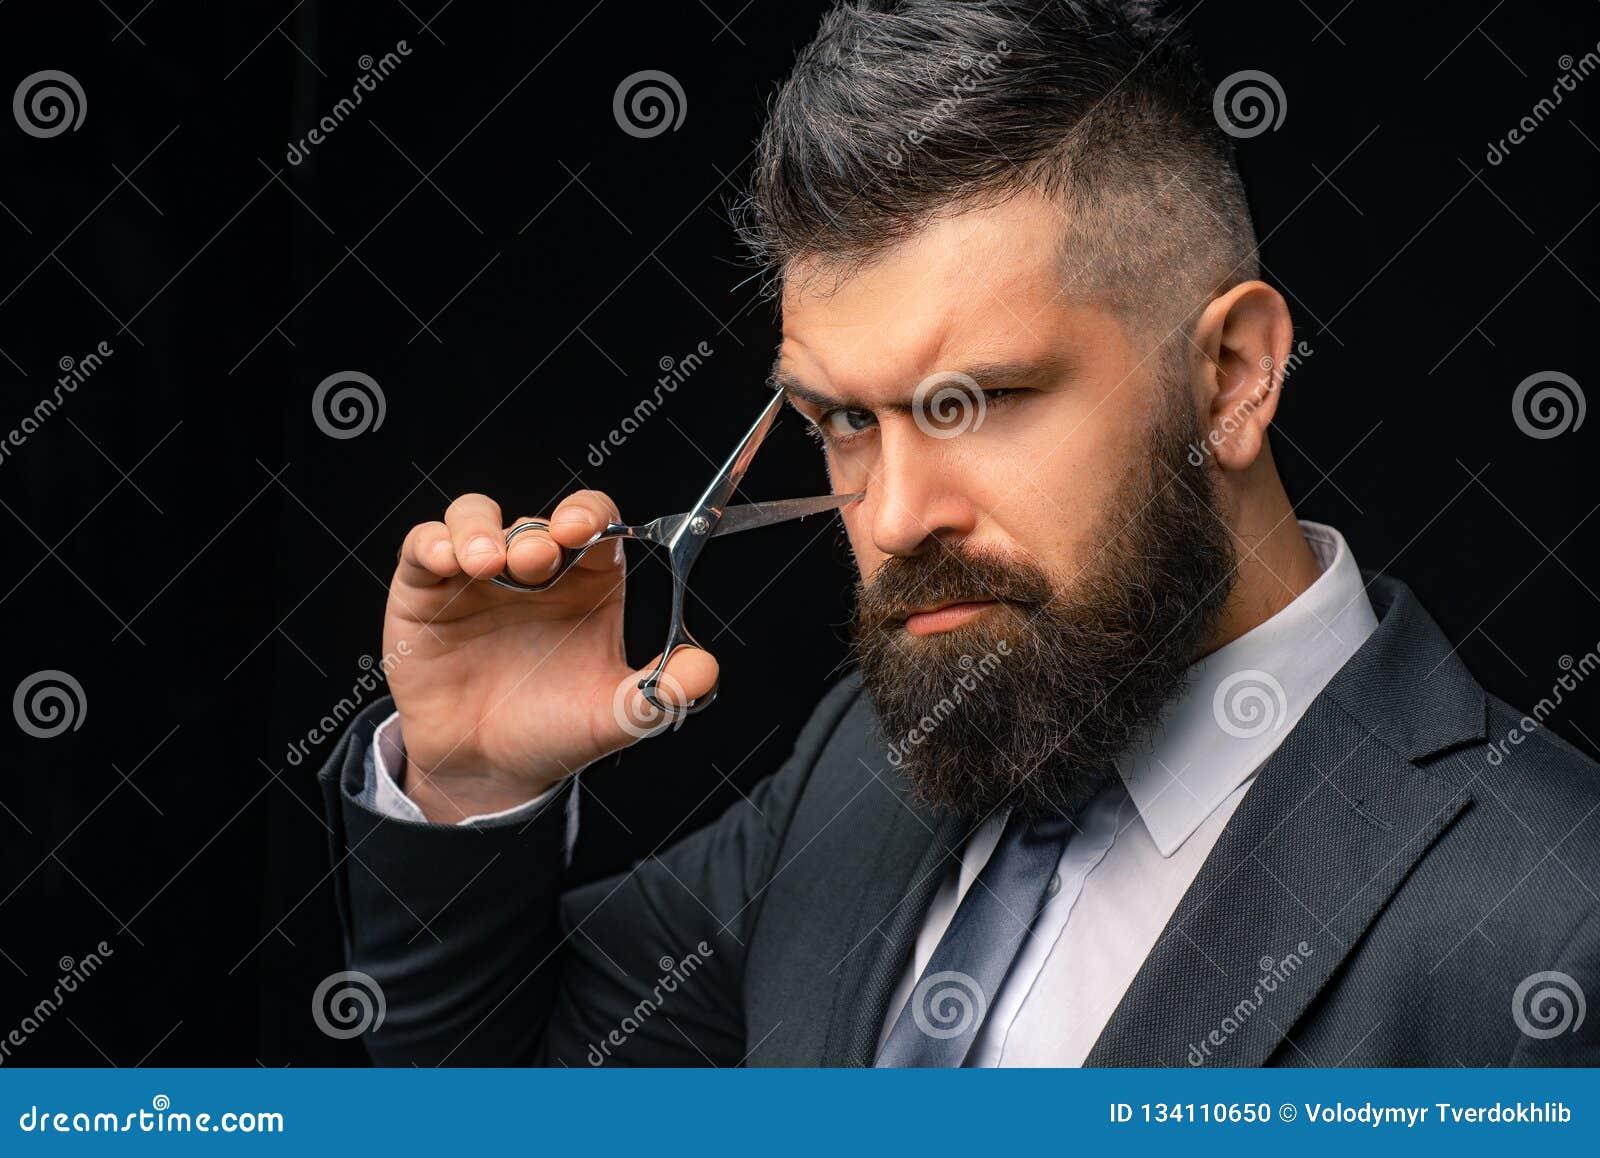 Совершенная борода Стрижки для людей Стильный и стиль причесок Год сбора винограда парикмахерской и парикмахера Парикмахерская Па